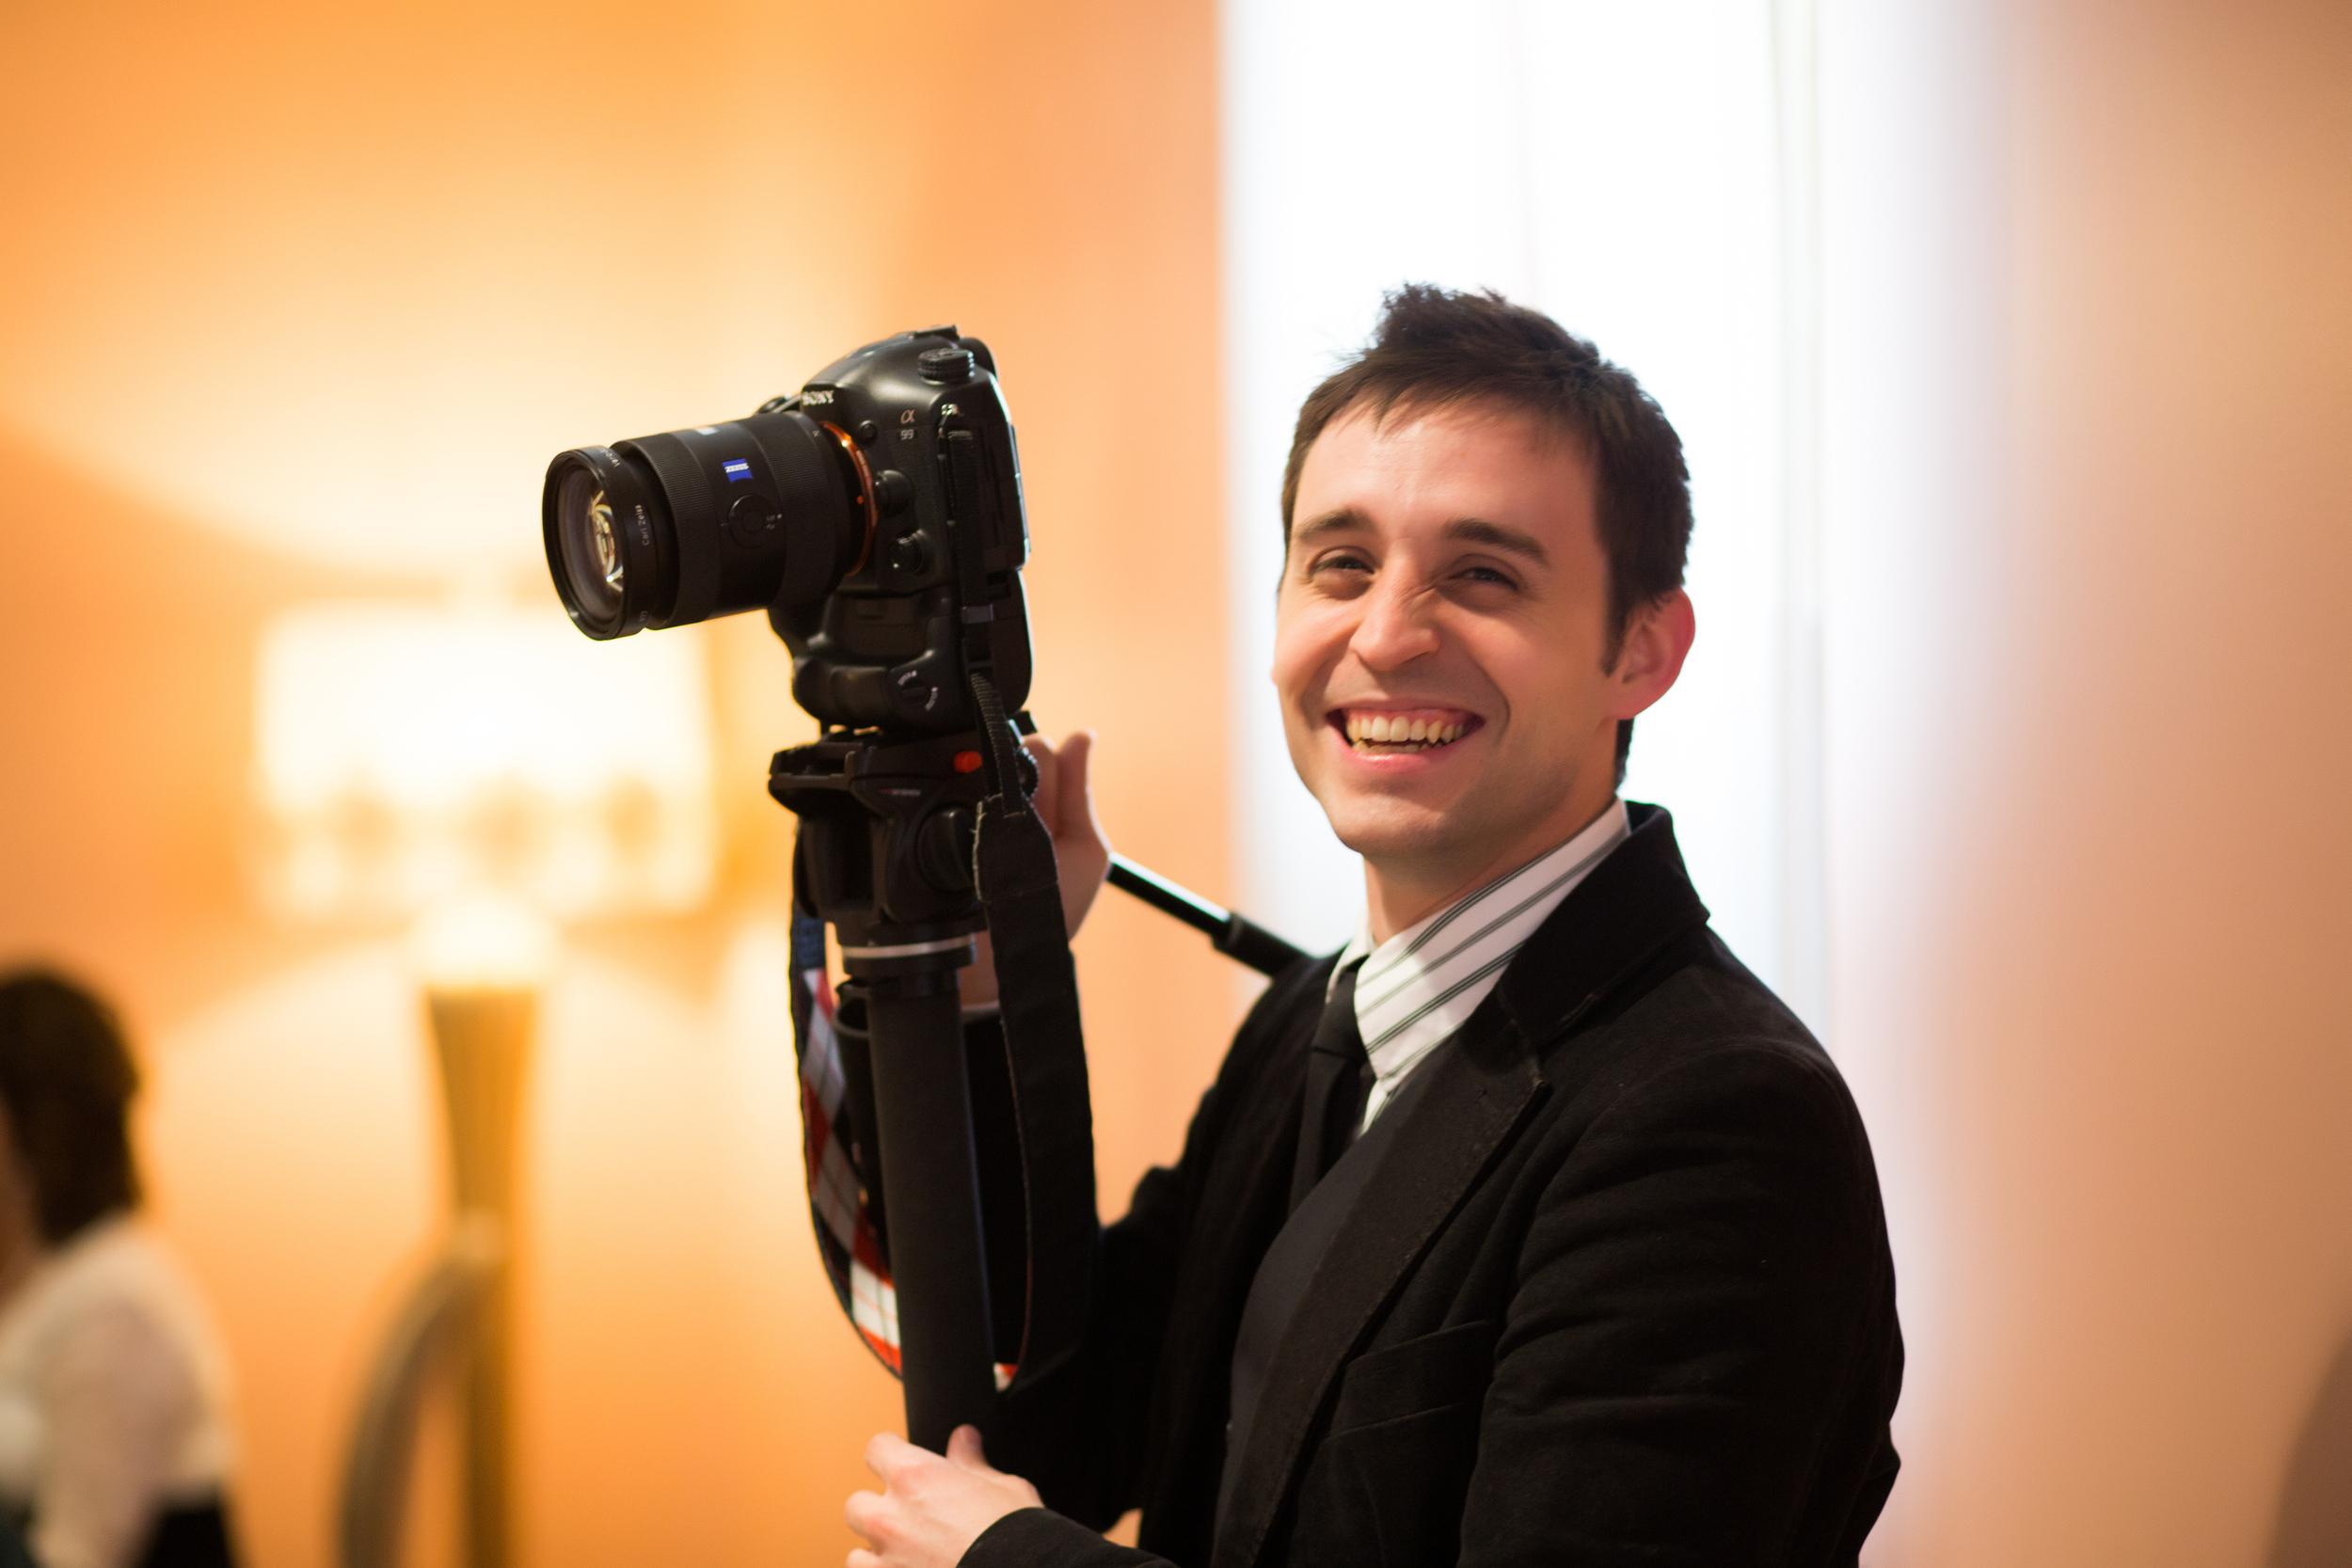 brett-smith-photo-wedding-video1.jpg